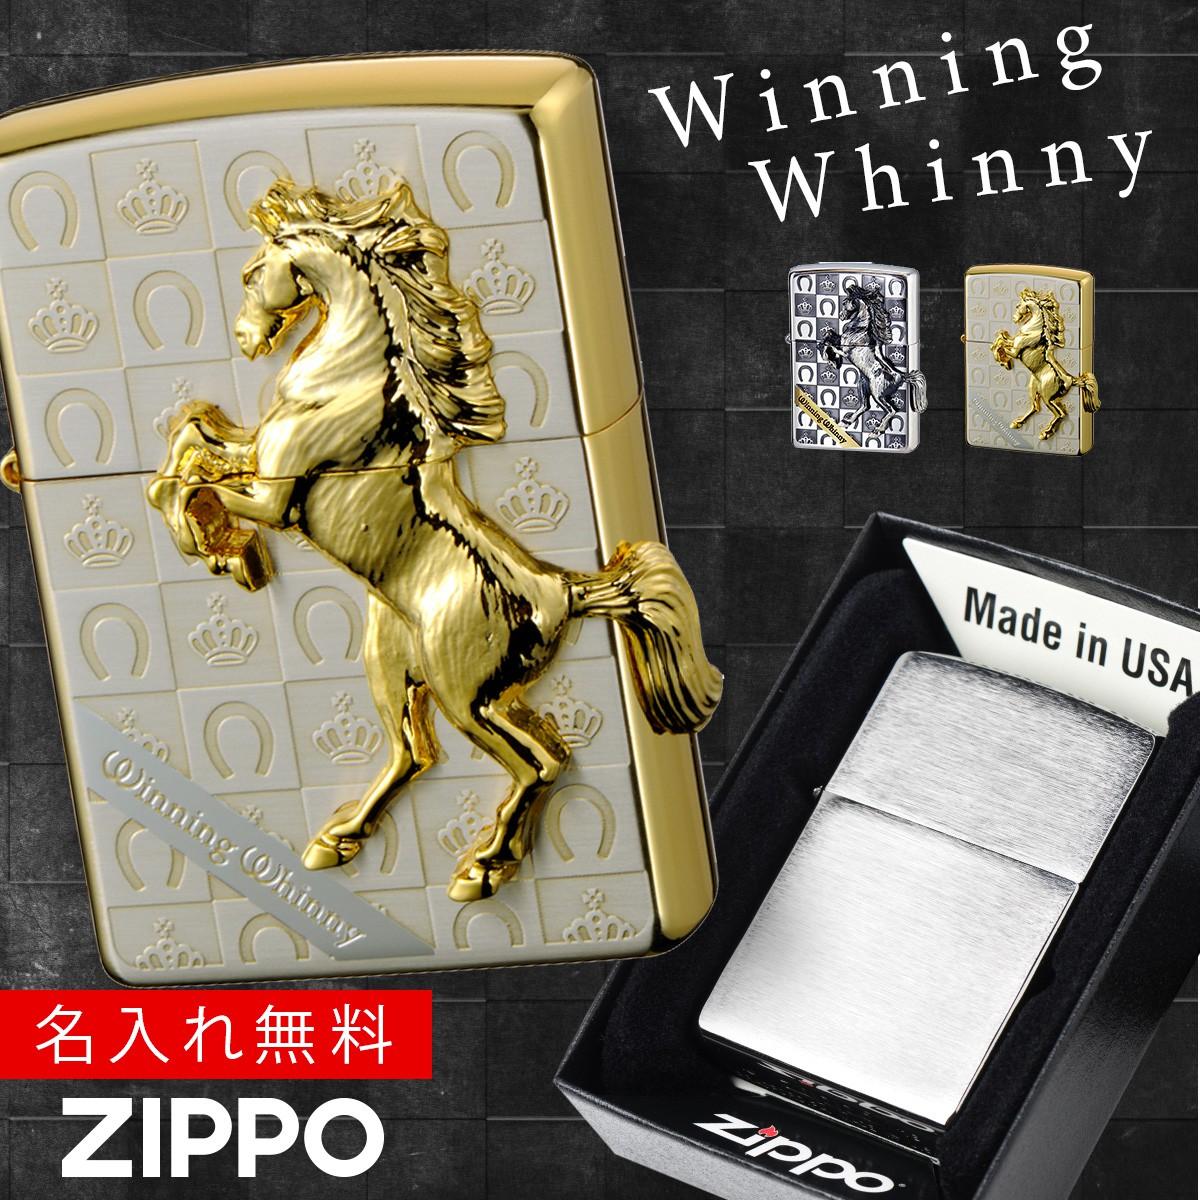 zippo ライター ブランド ジッポーライター zippoライター 馬 ウィニングウィニーグランドクラウンシルバー ギフト プレゼント 贈り物 返品不可 彫刻 無料 名前 名入れ メッセージ オイルライター ジッポライター 彼氏 男性 メンズ 喫煙具